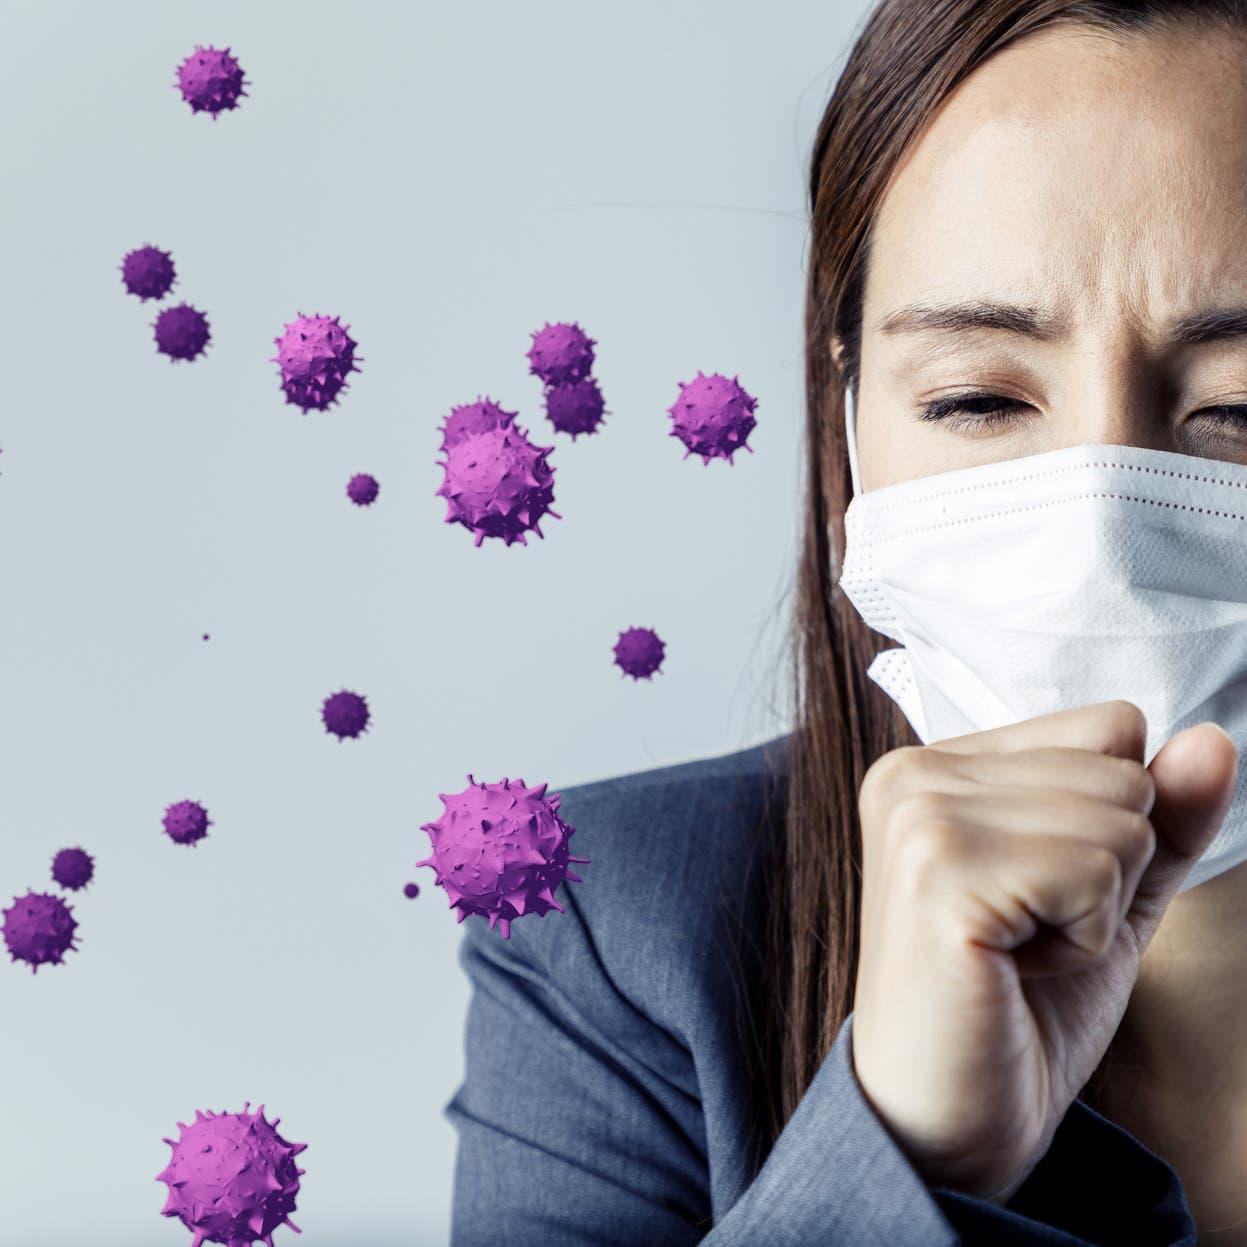 التكنولوجيا بزمن كورونا.. هل تنجح الساعات في تتبع الوباء؟